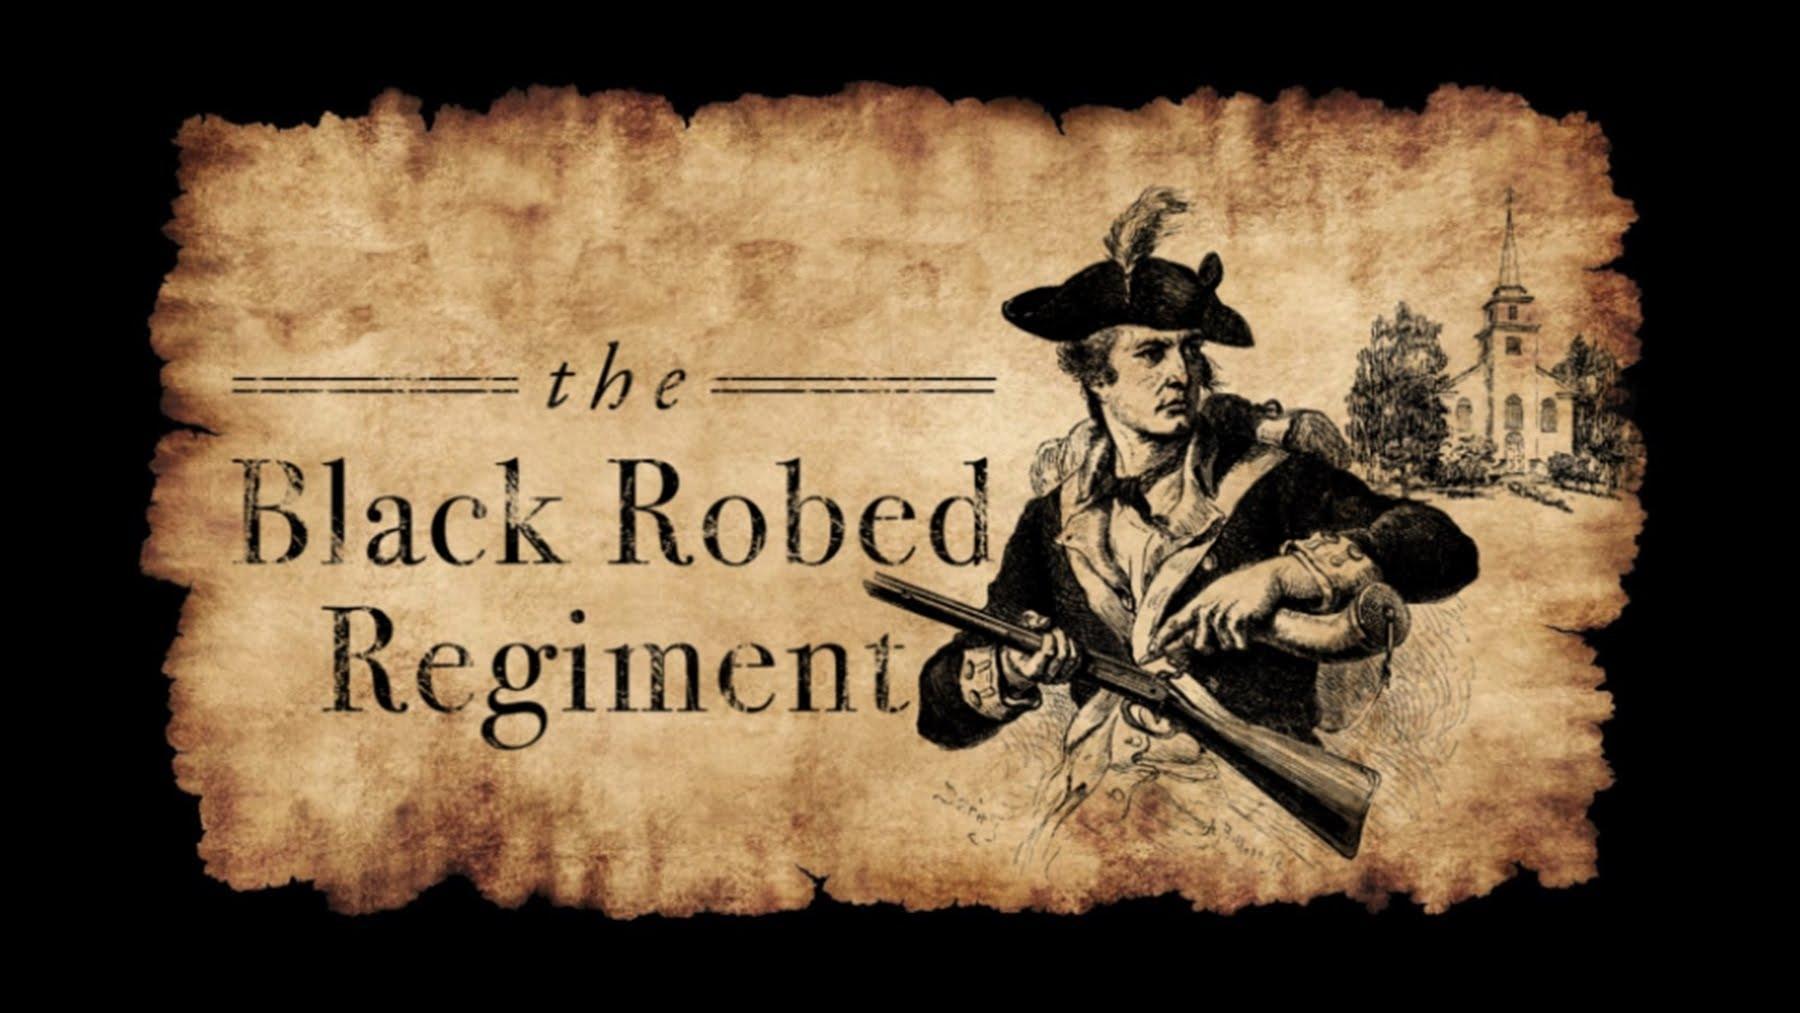 Black Robe Regiment Preacher John Peter Muhlenberg: